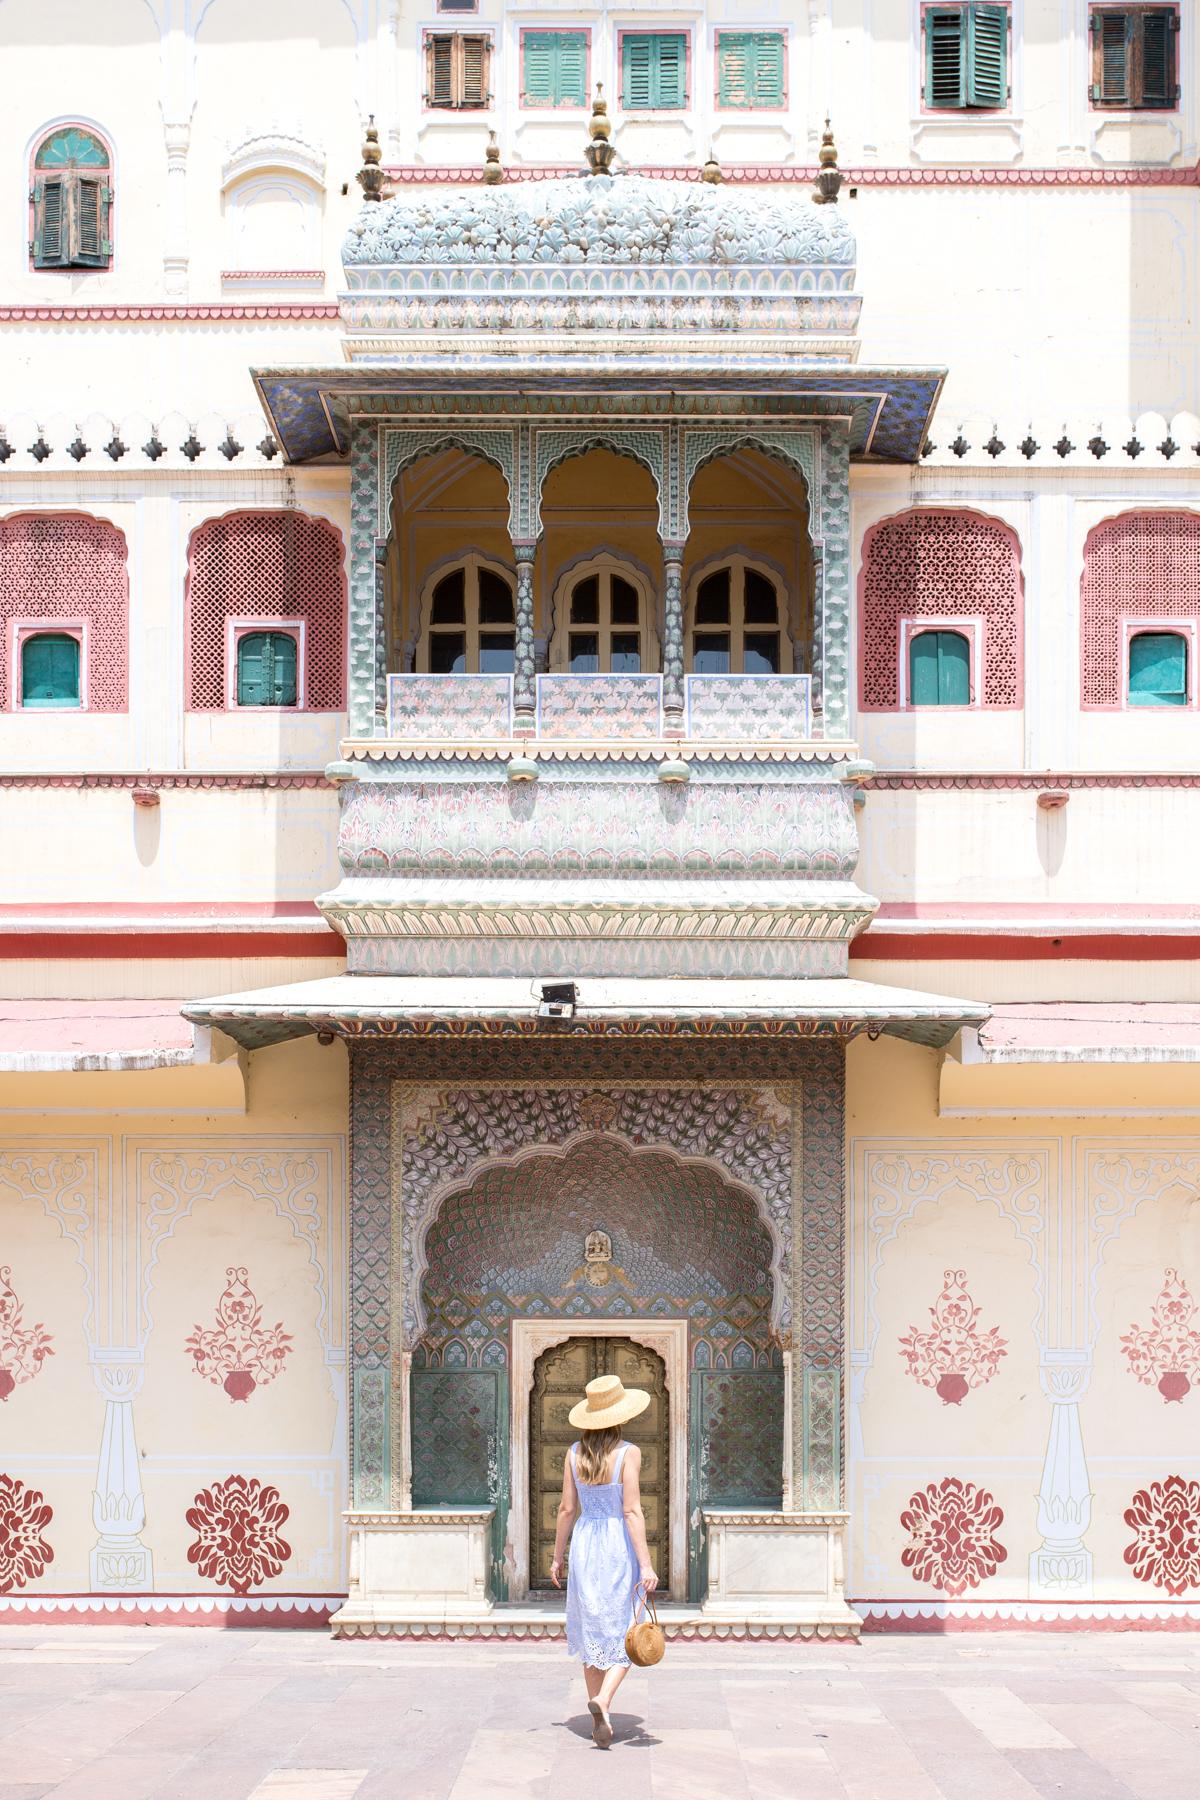 Stacie Flinner City Palace Jaipur 10 Best -51.jpg